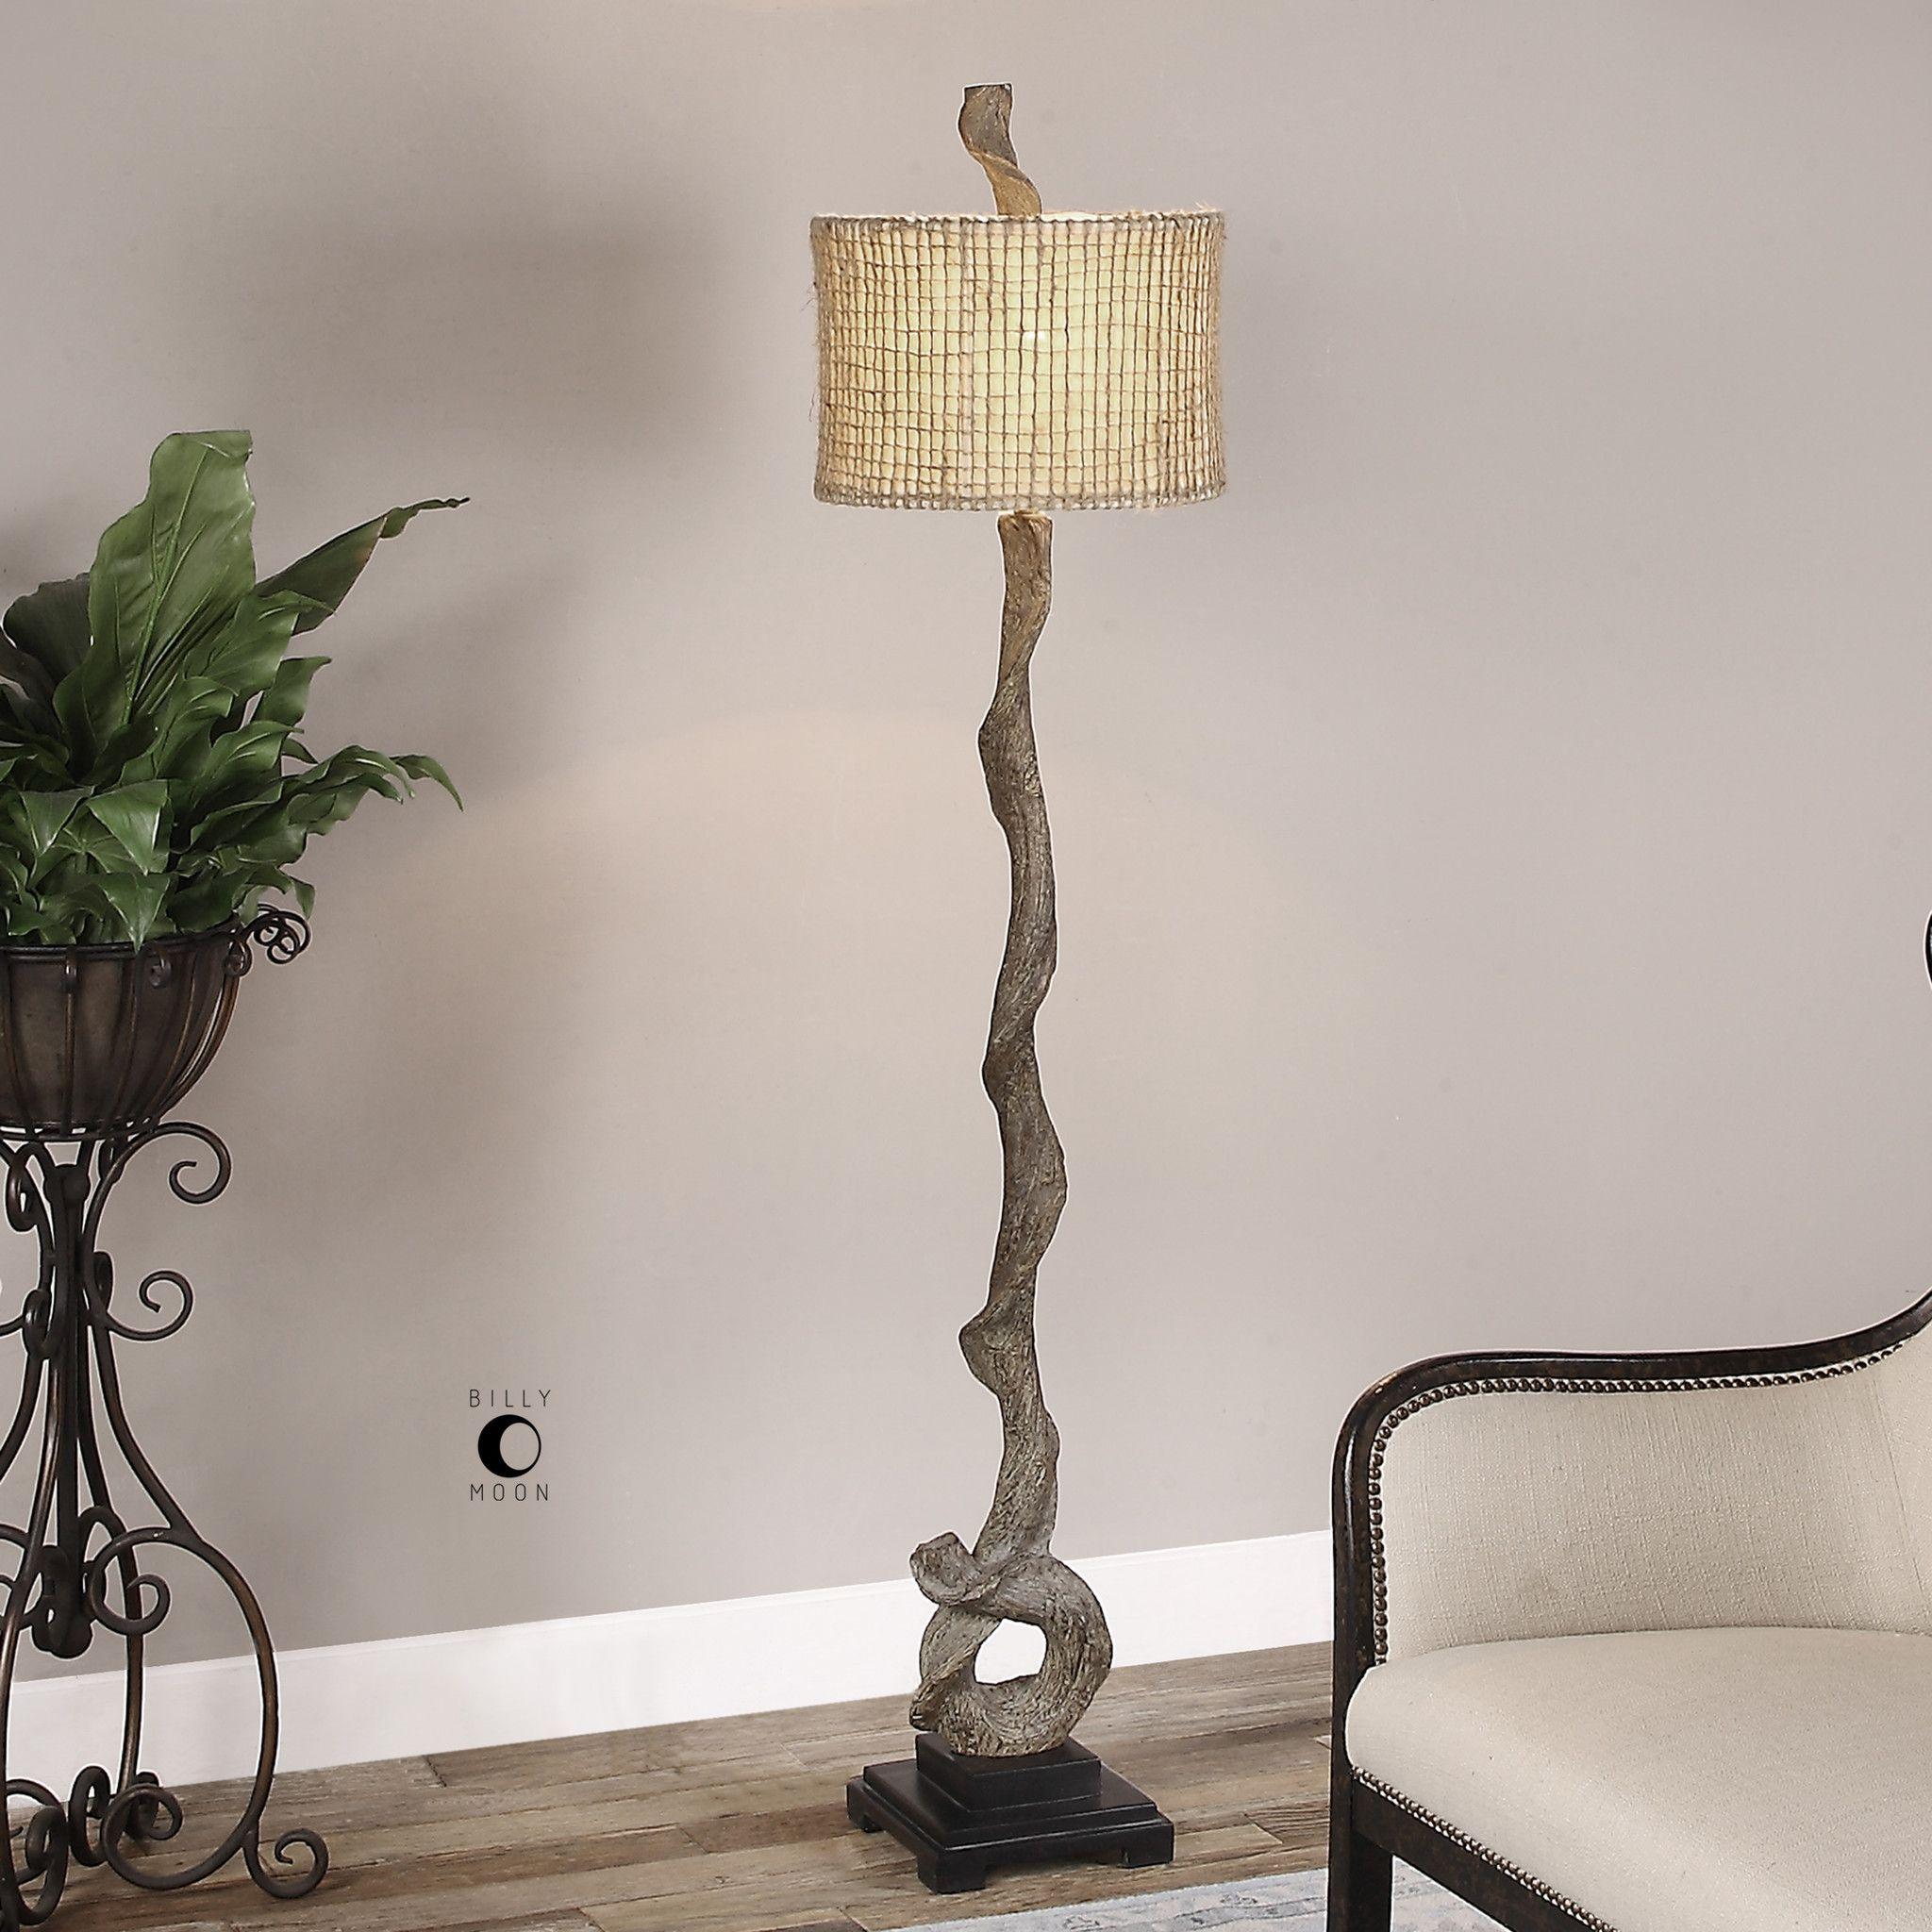 uttermost driftwood floor lamp uttermost driftwood floor lamp   driftwood art   pinterest      rh   pinterest